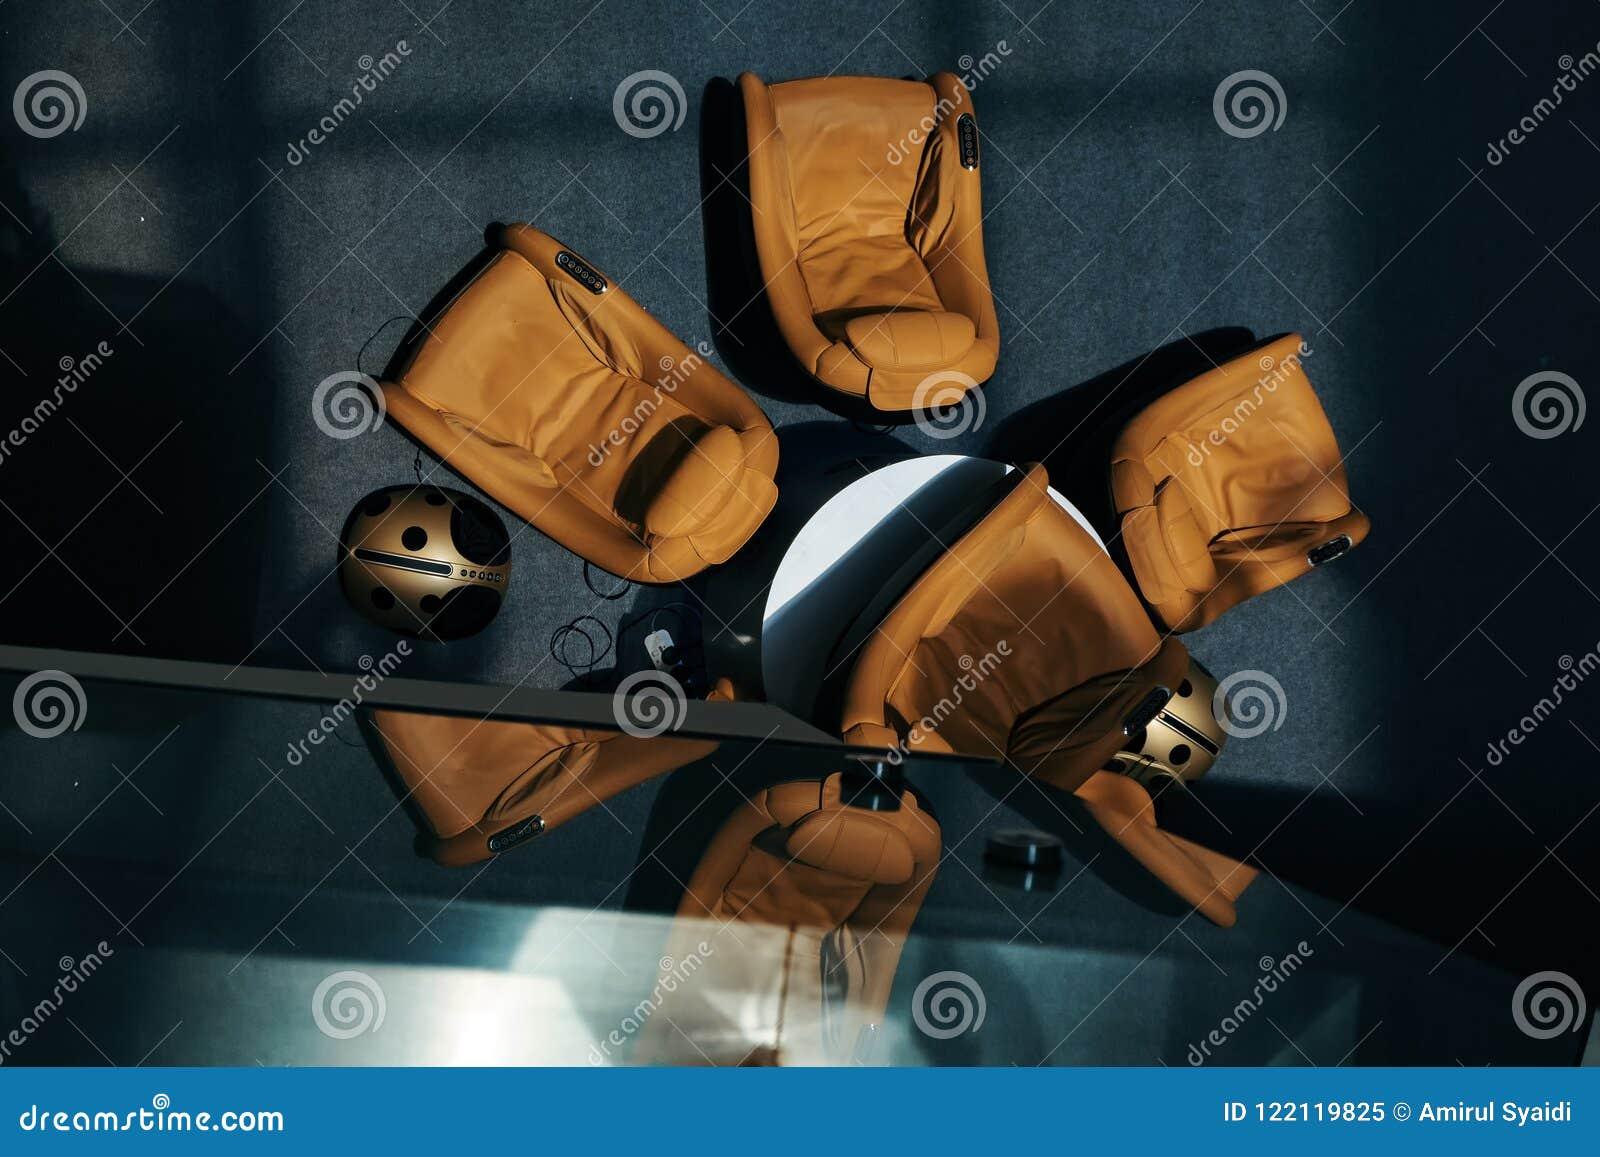 Το λόμπι εξοπλίζει με τους καναπέδες μασάζ για το guestshadow στο πάτωμα και